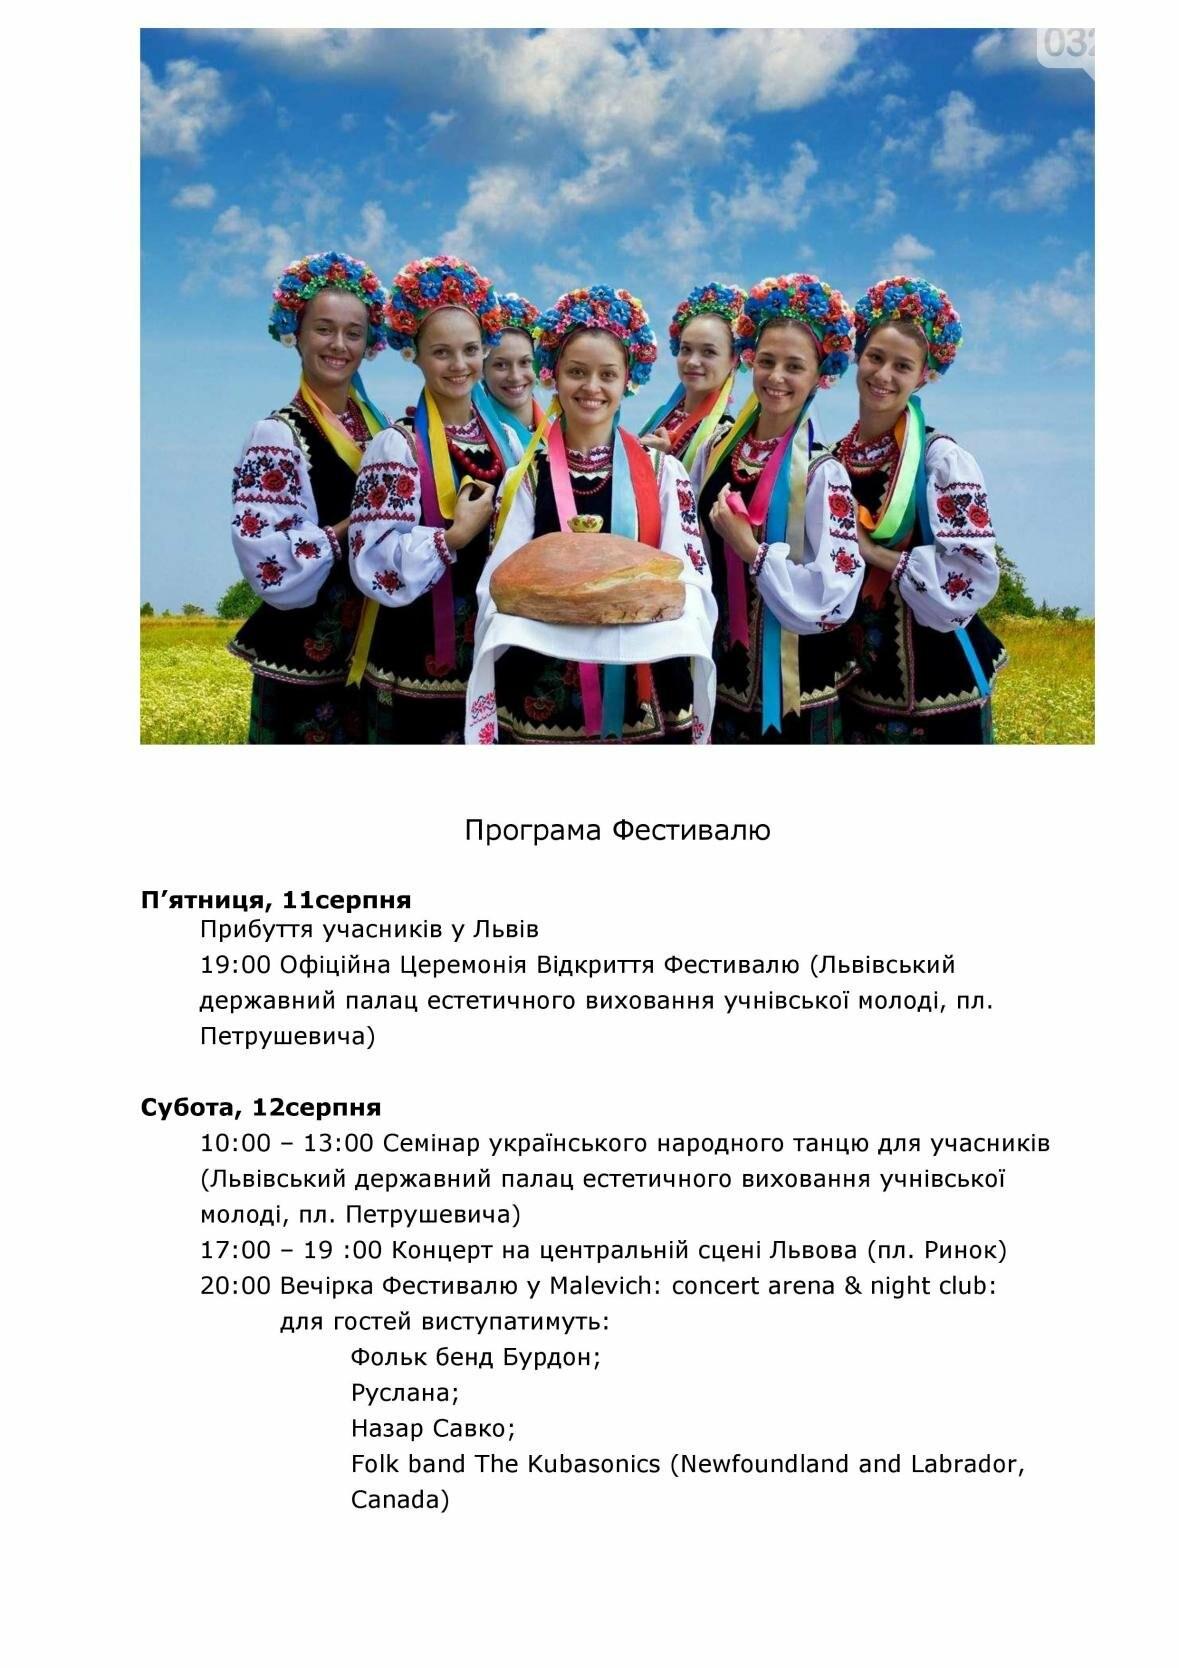 Як у Львові відкрили Міжнародний фестиваль українського танцю та культури: фоторепортаж, фото-12